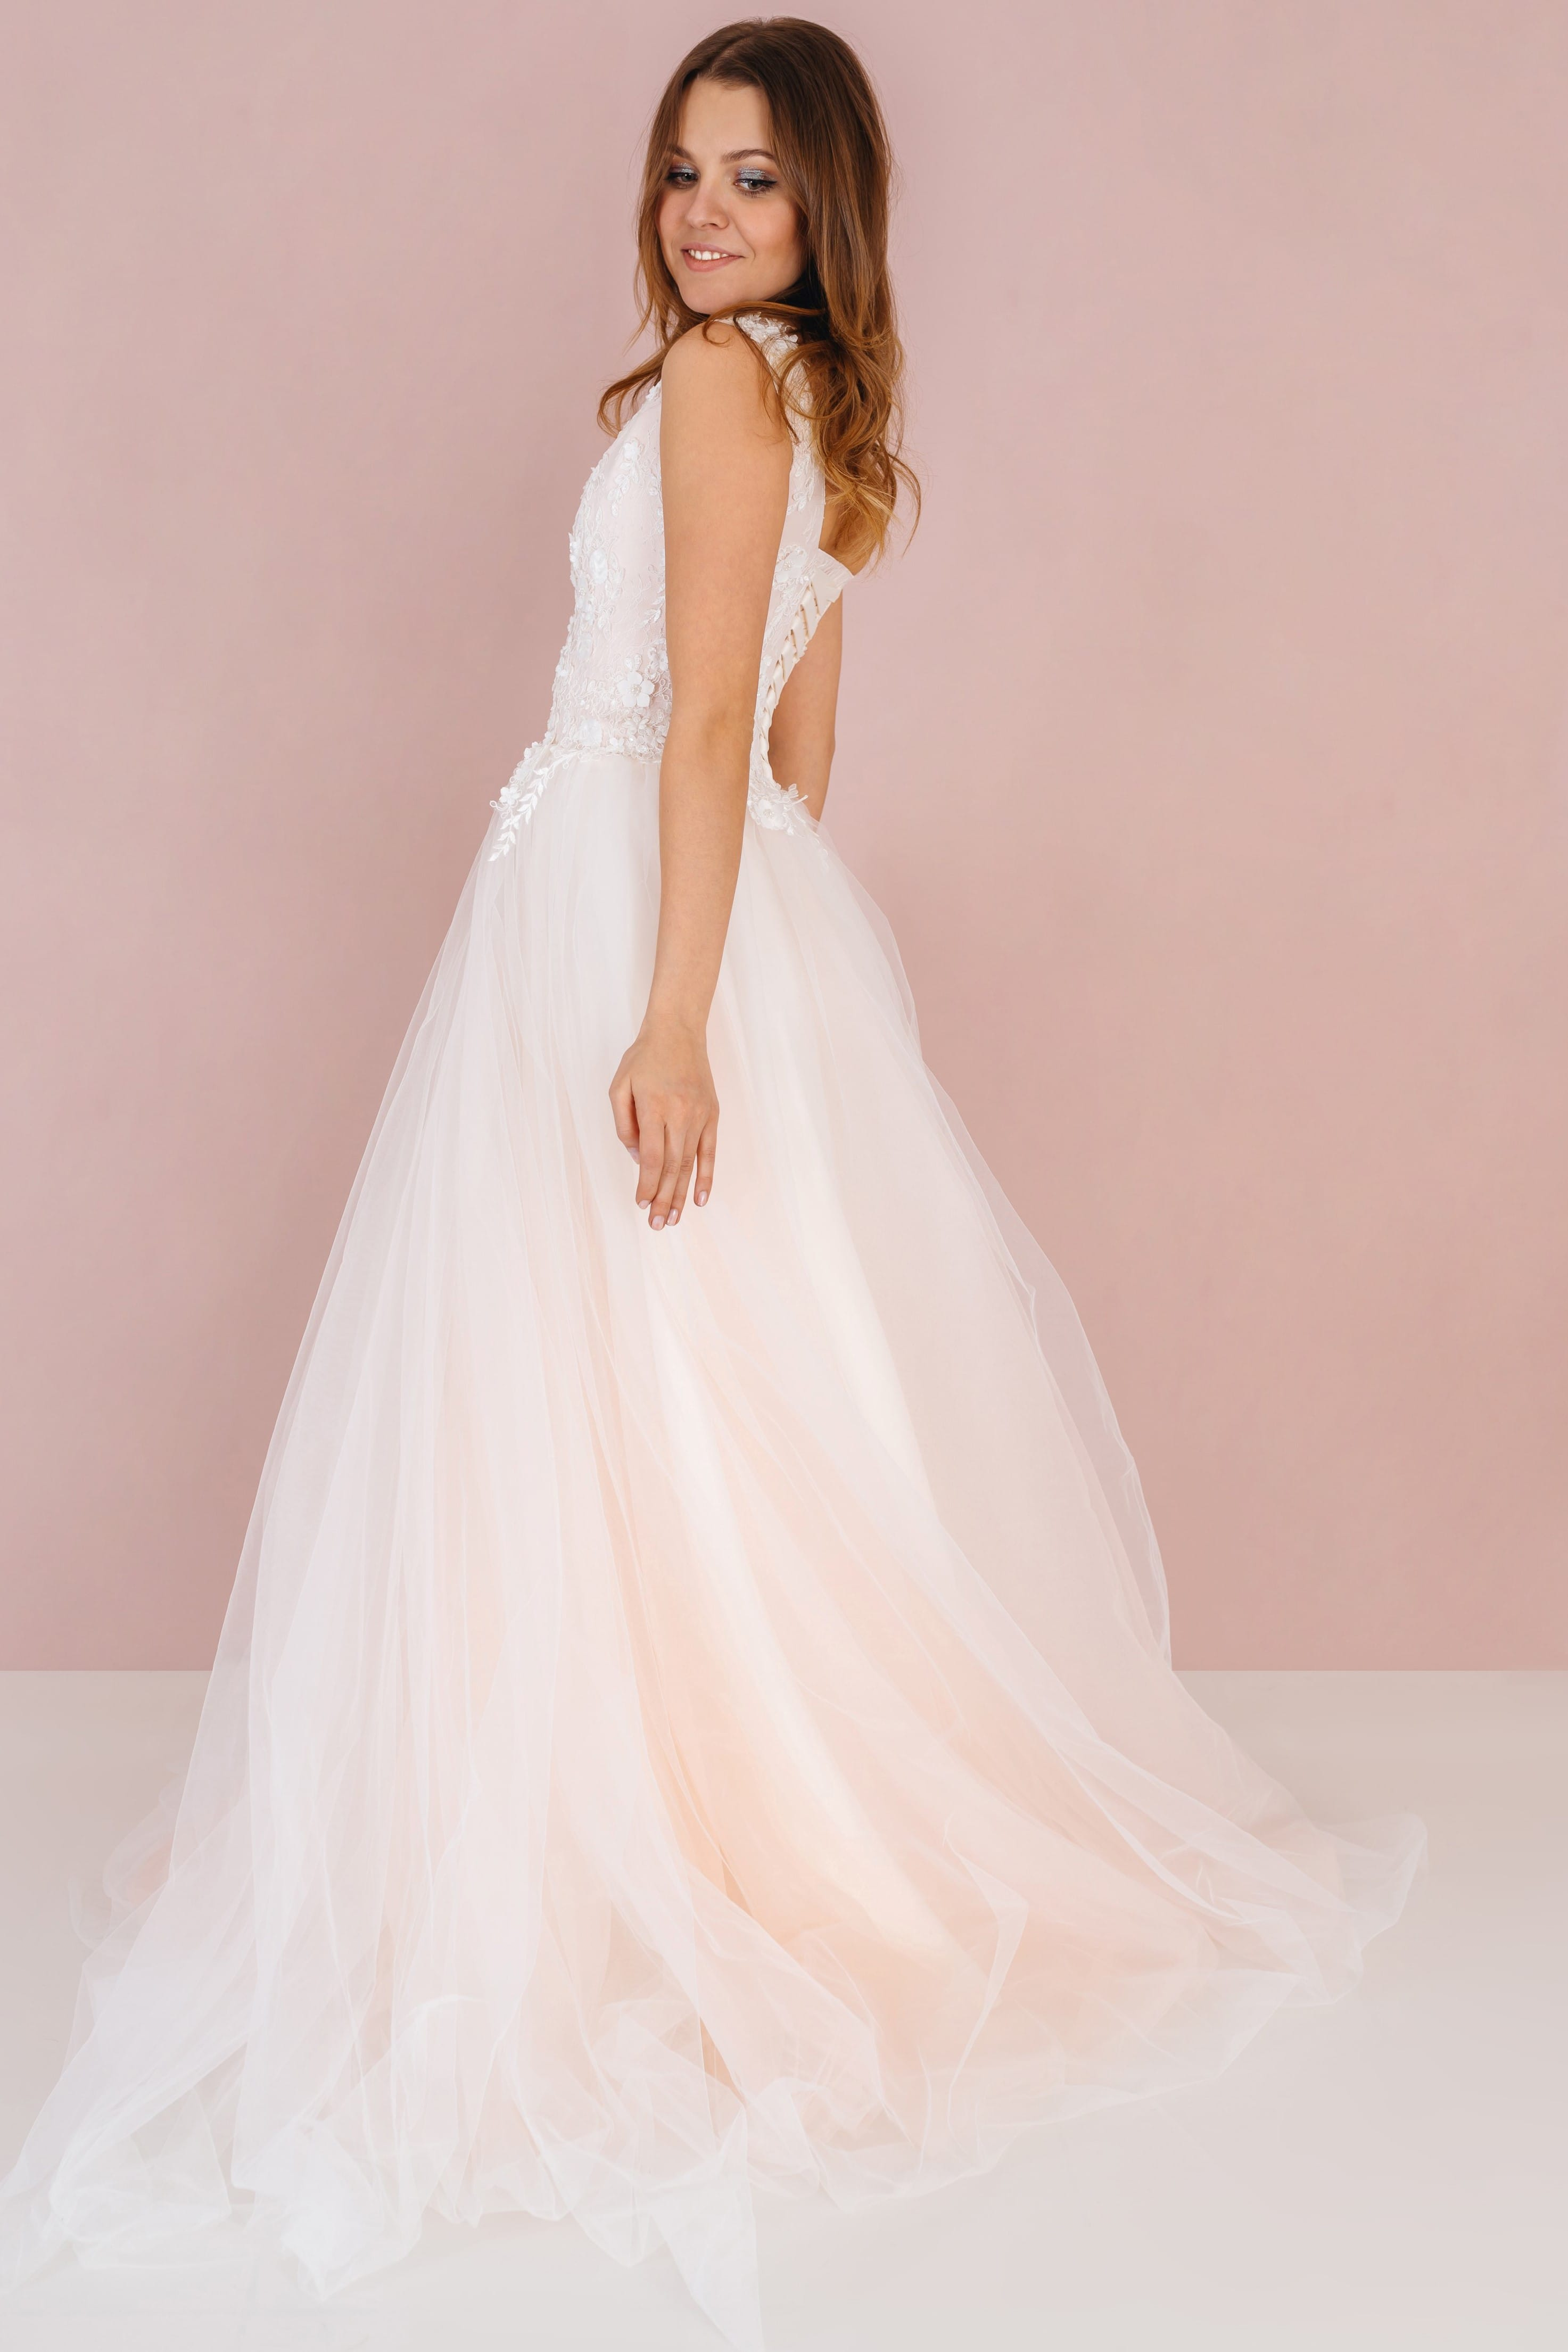 Свадебное платье LASSIE, коллекция LOFT, бренд RARE BRIDAL, фото 5